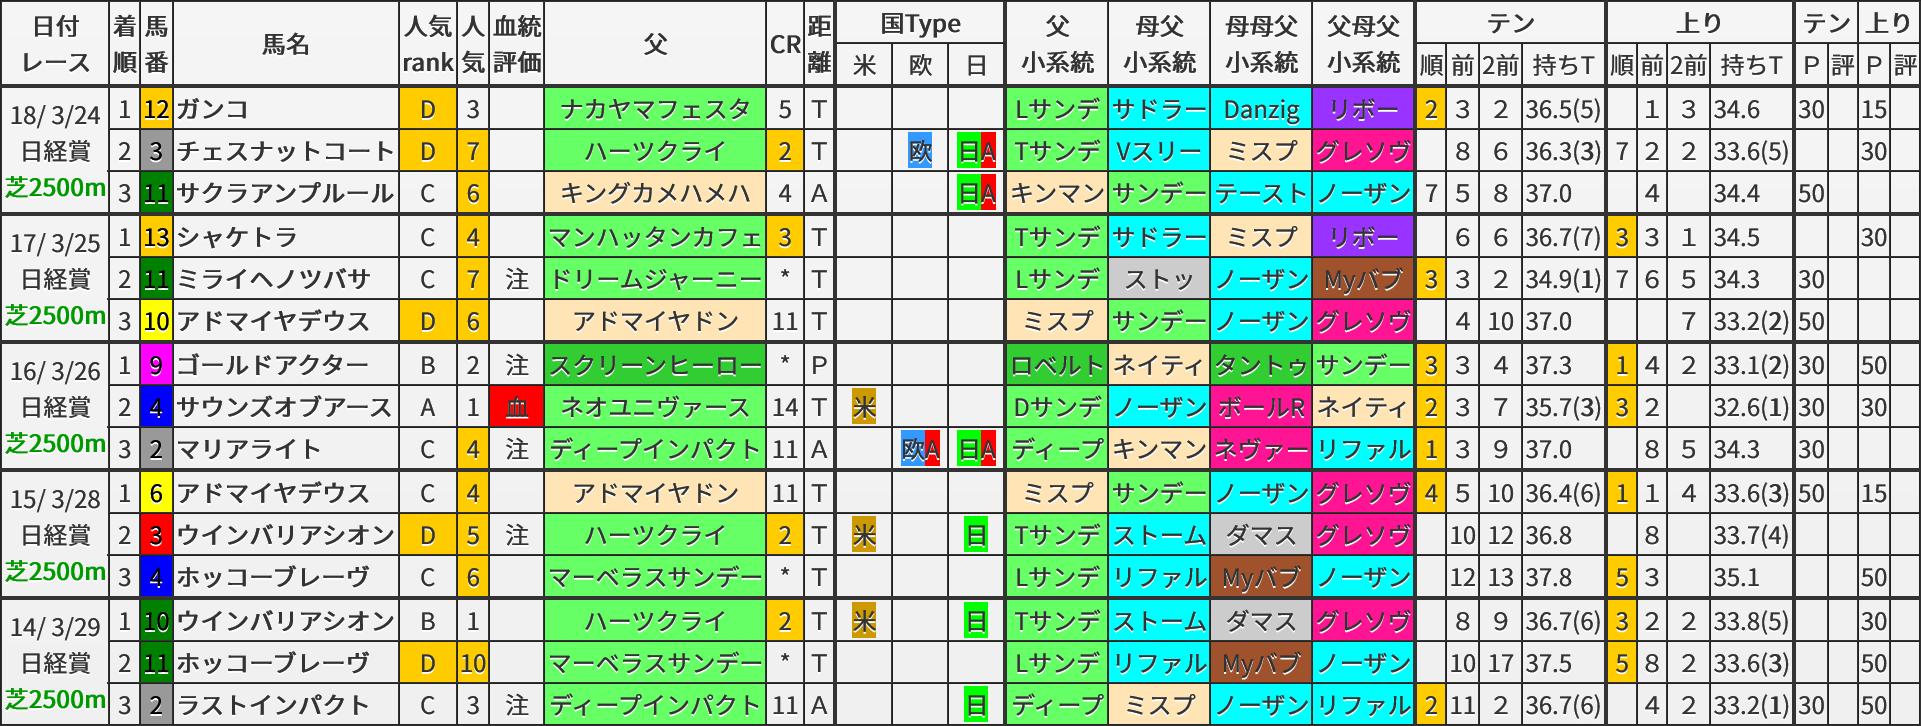 日経賞 過去5年ブラッドバイアス